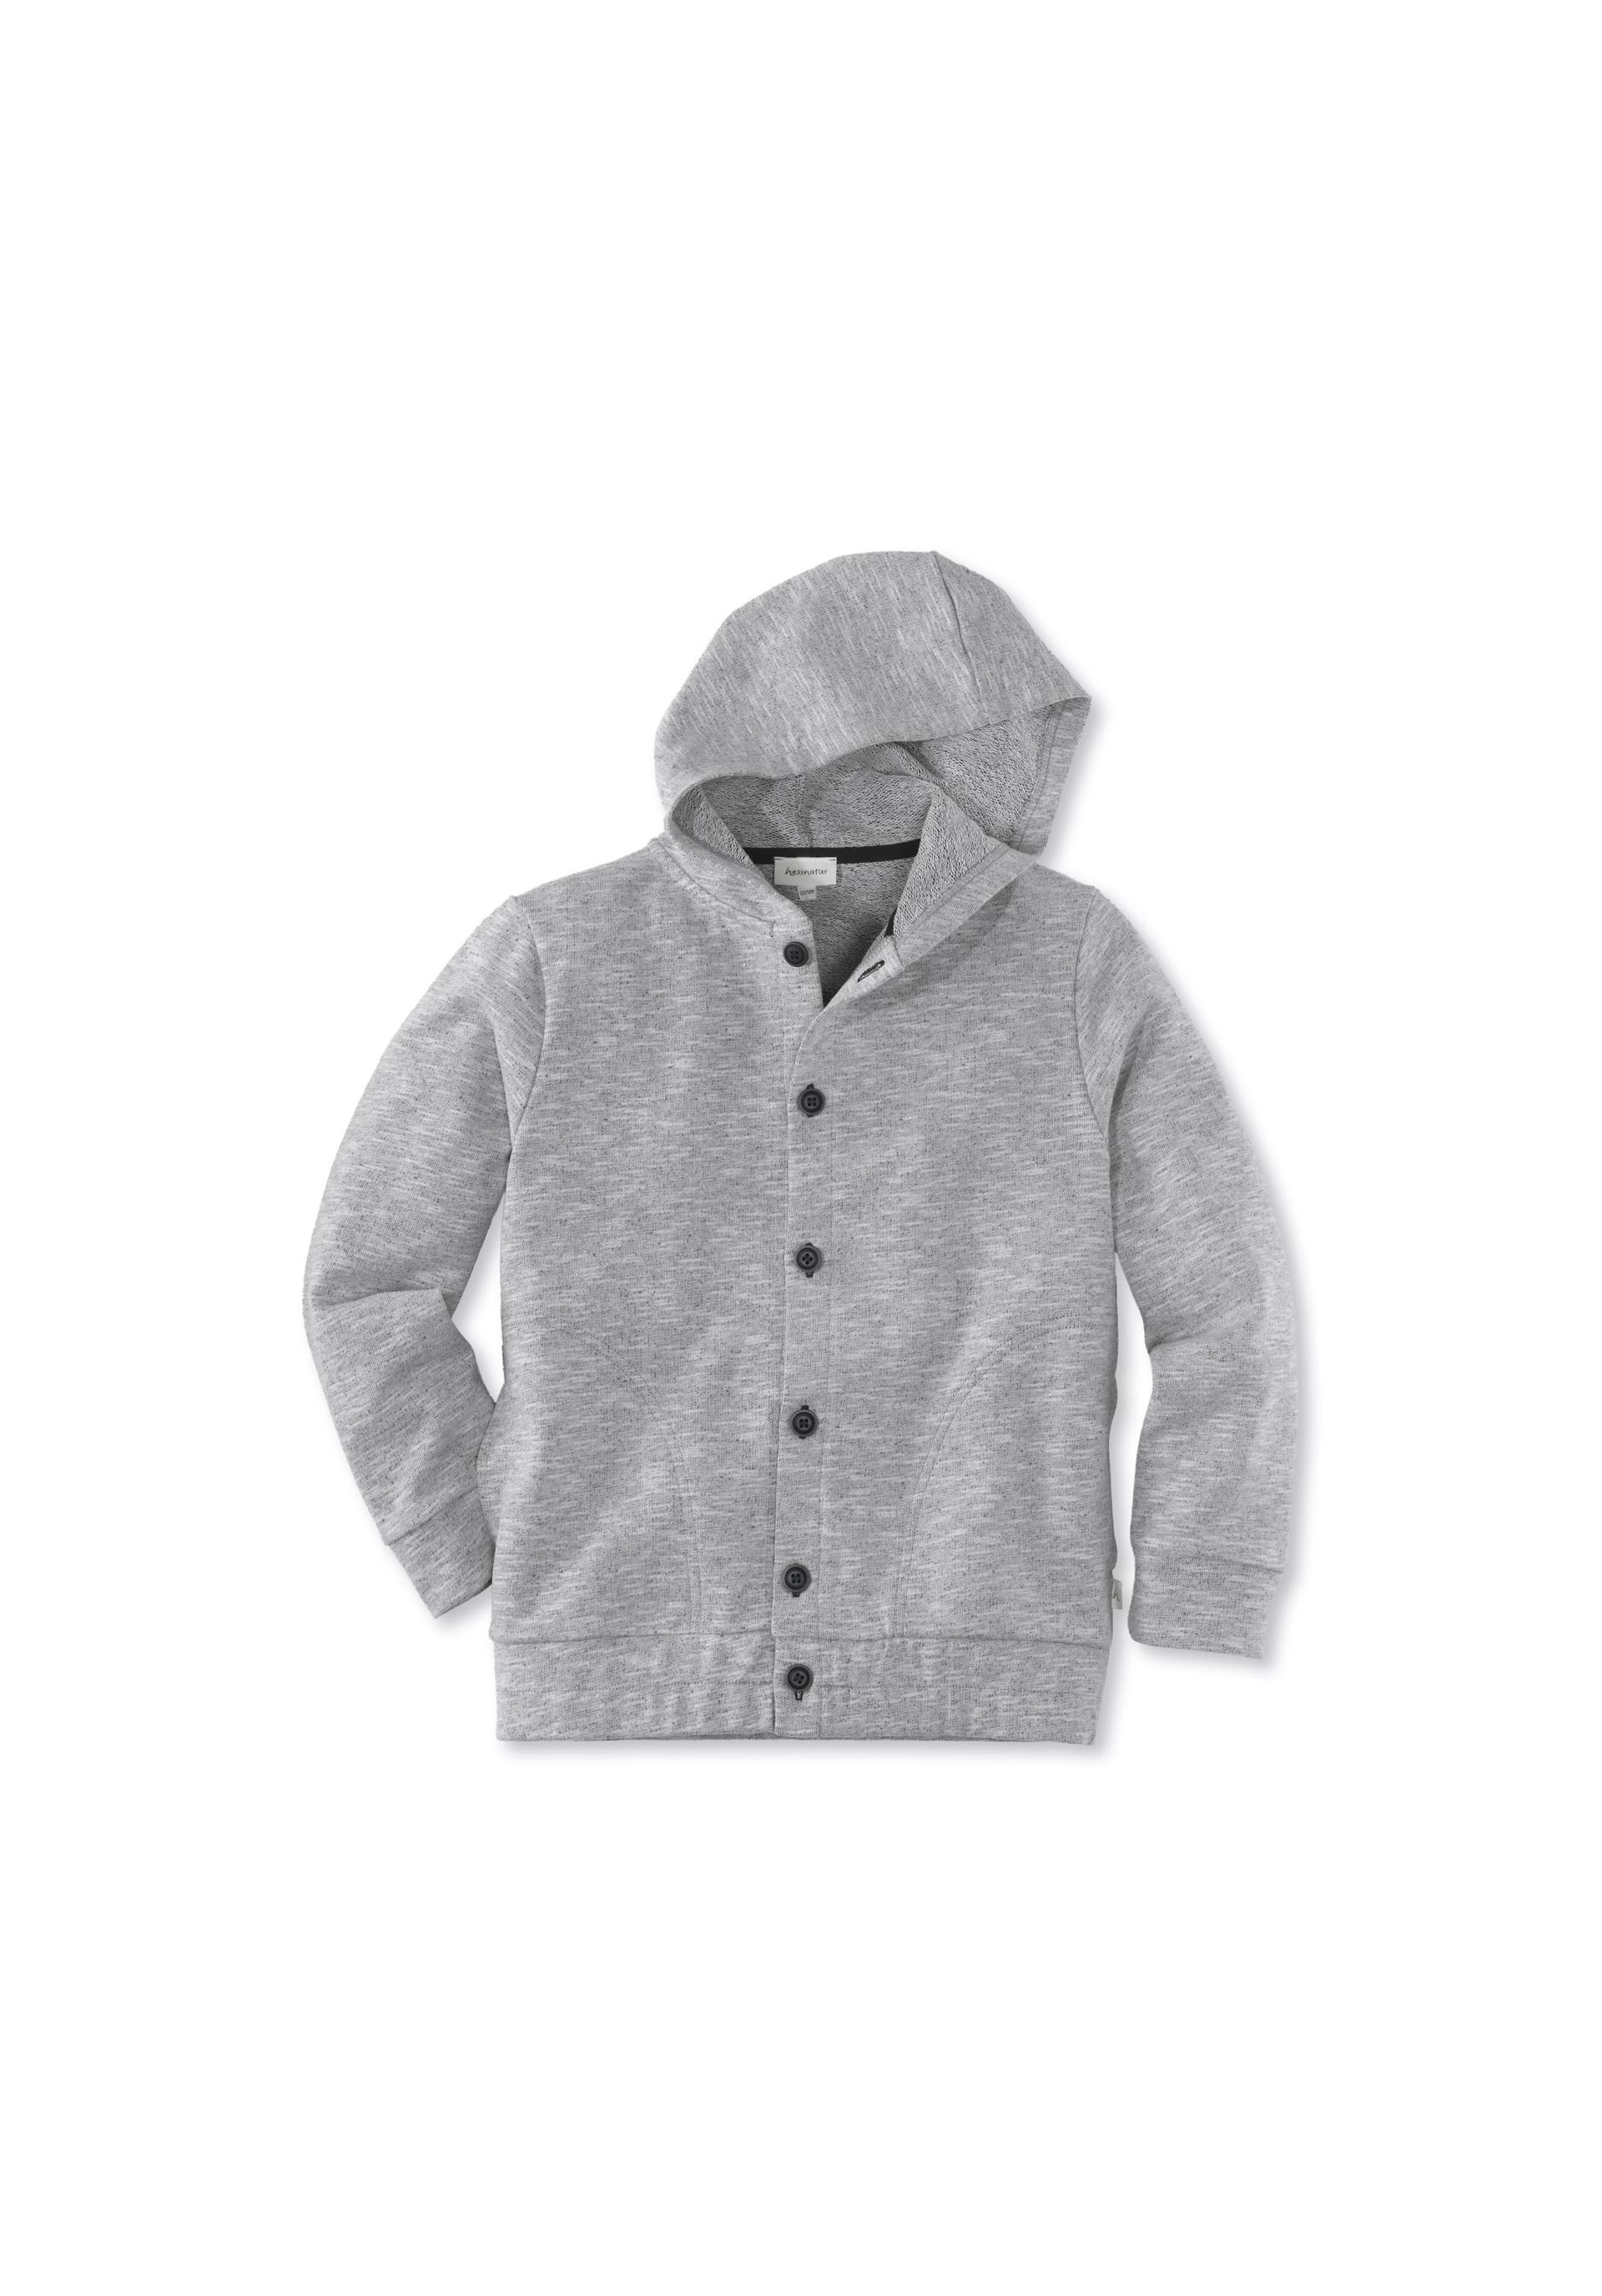 hessnatur Kinder M/ädchen und Jungen Unisex Fleece Jacke aus Reiner Bio-Baumwolle